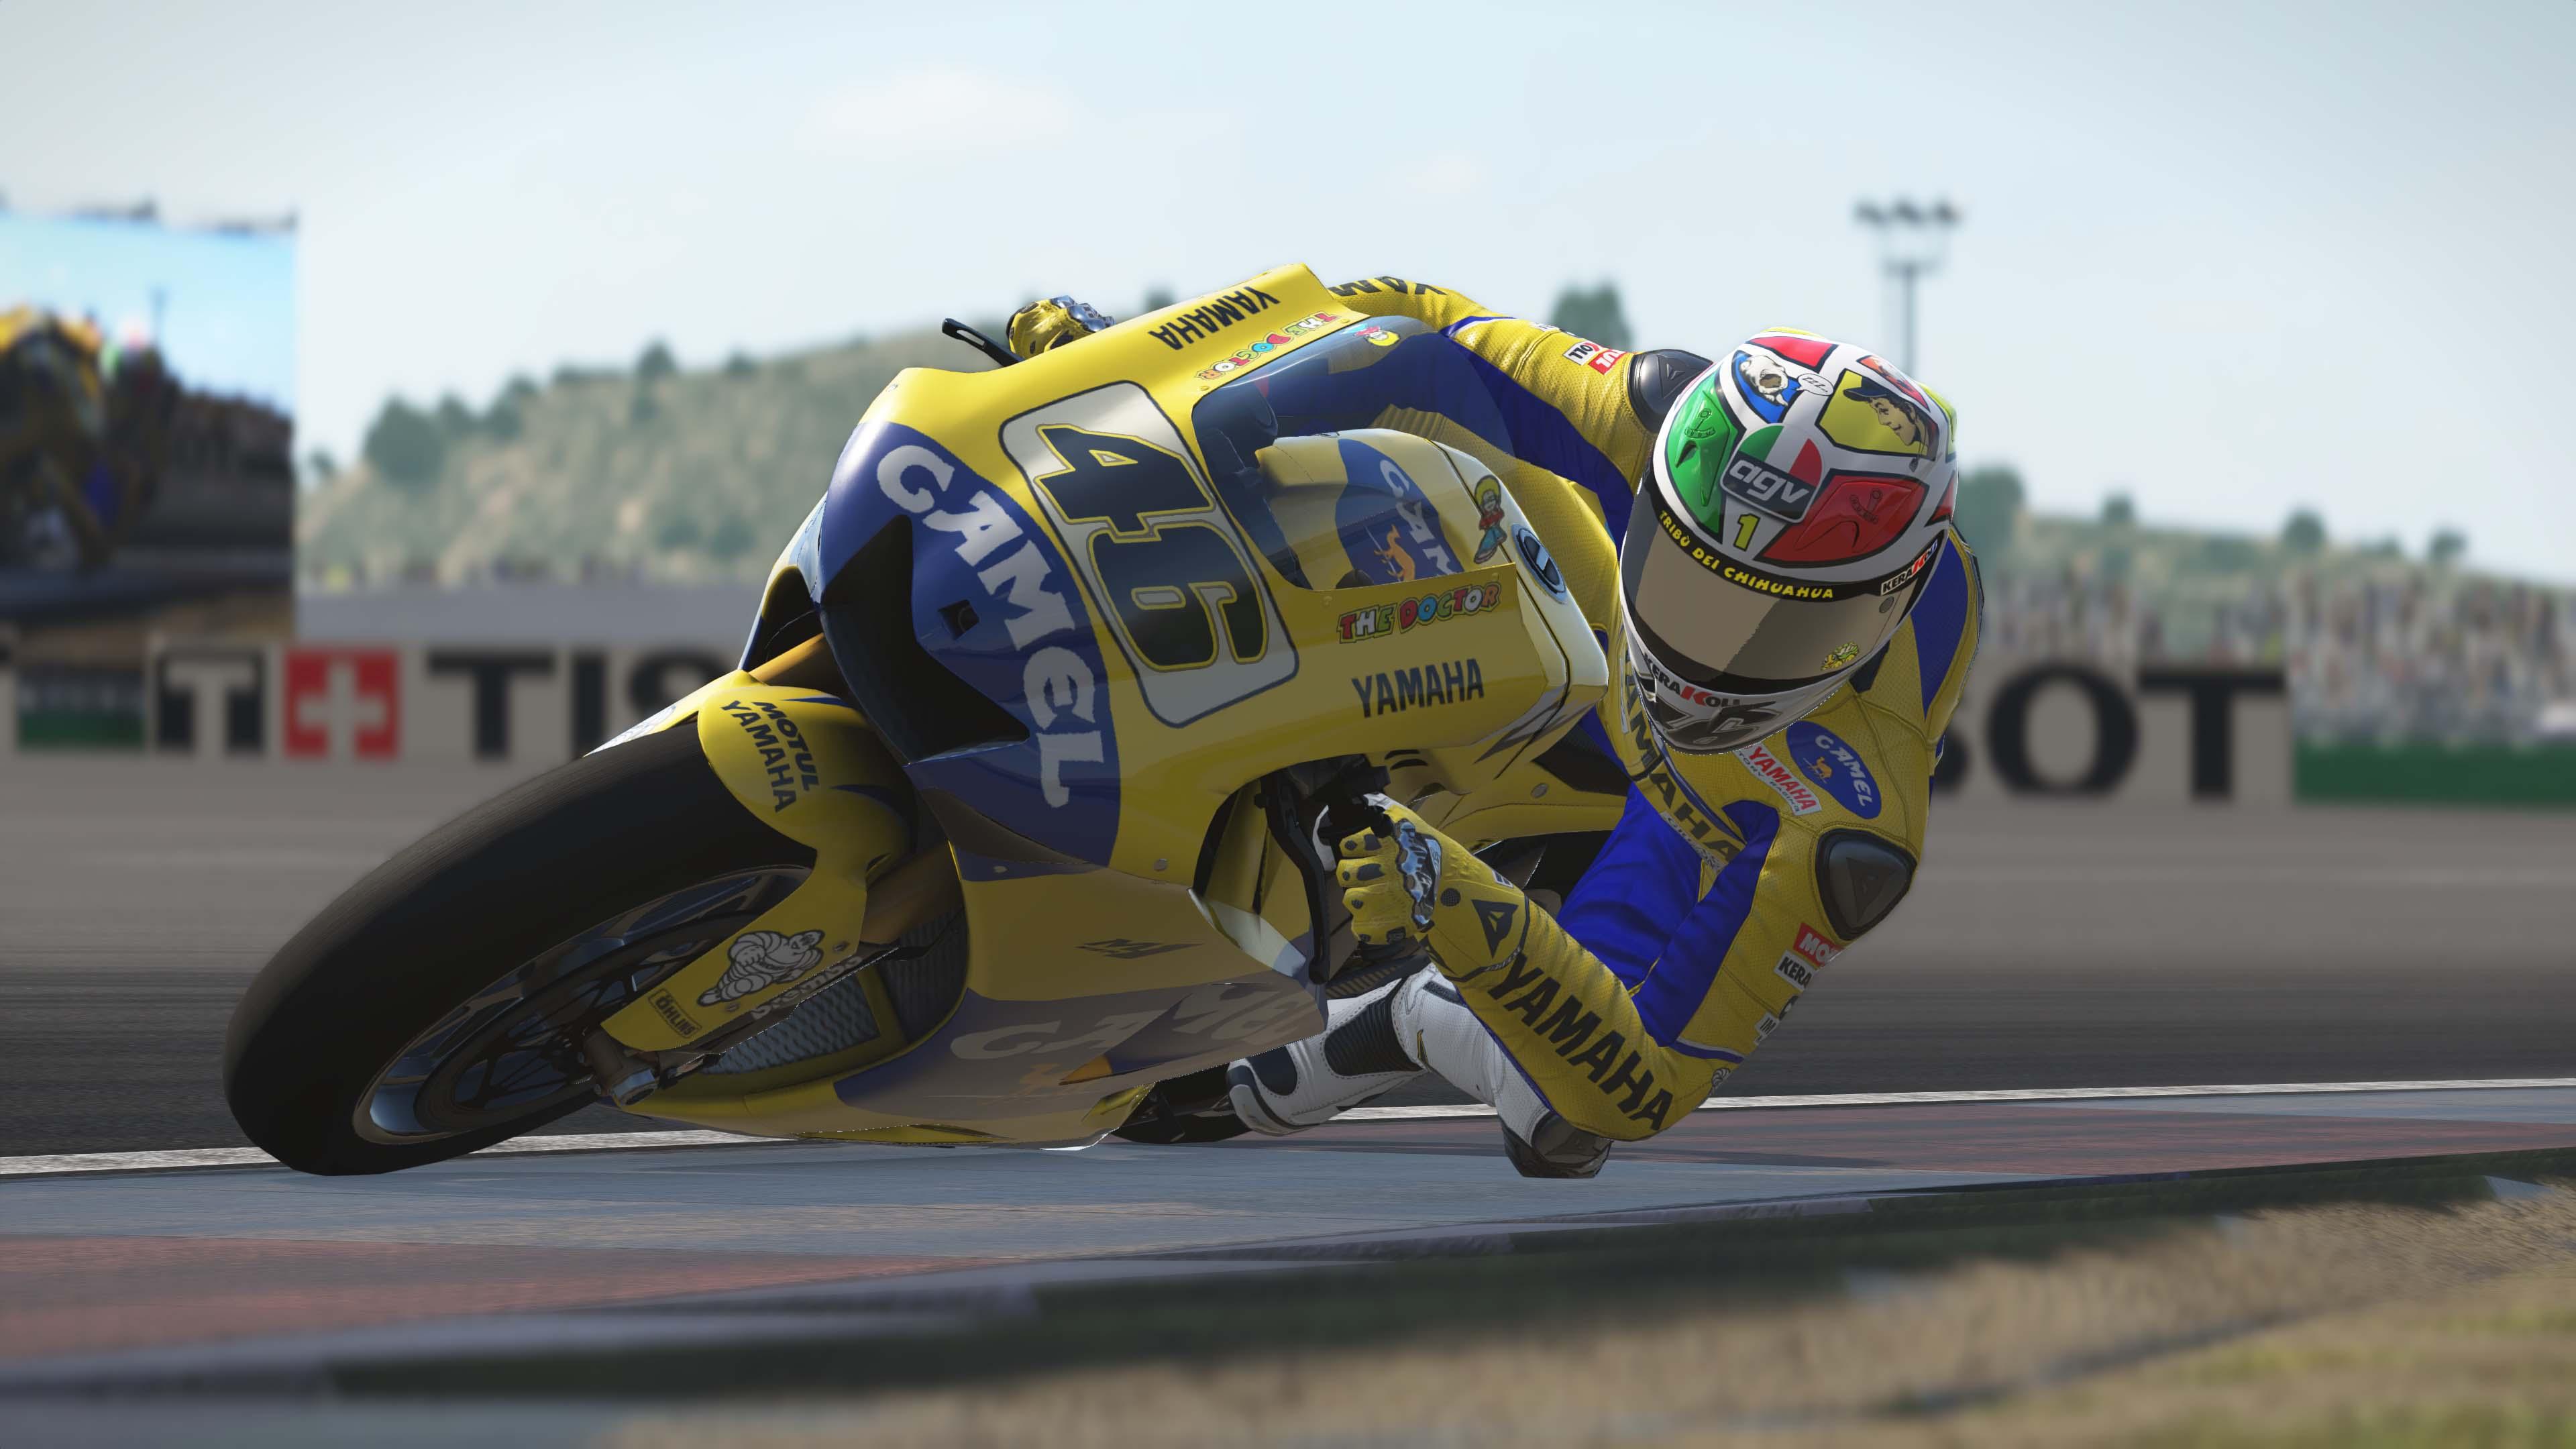 MotoGPVR46X64 2016-07-12 22-09-26-68.jpg